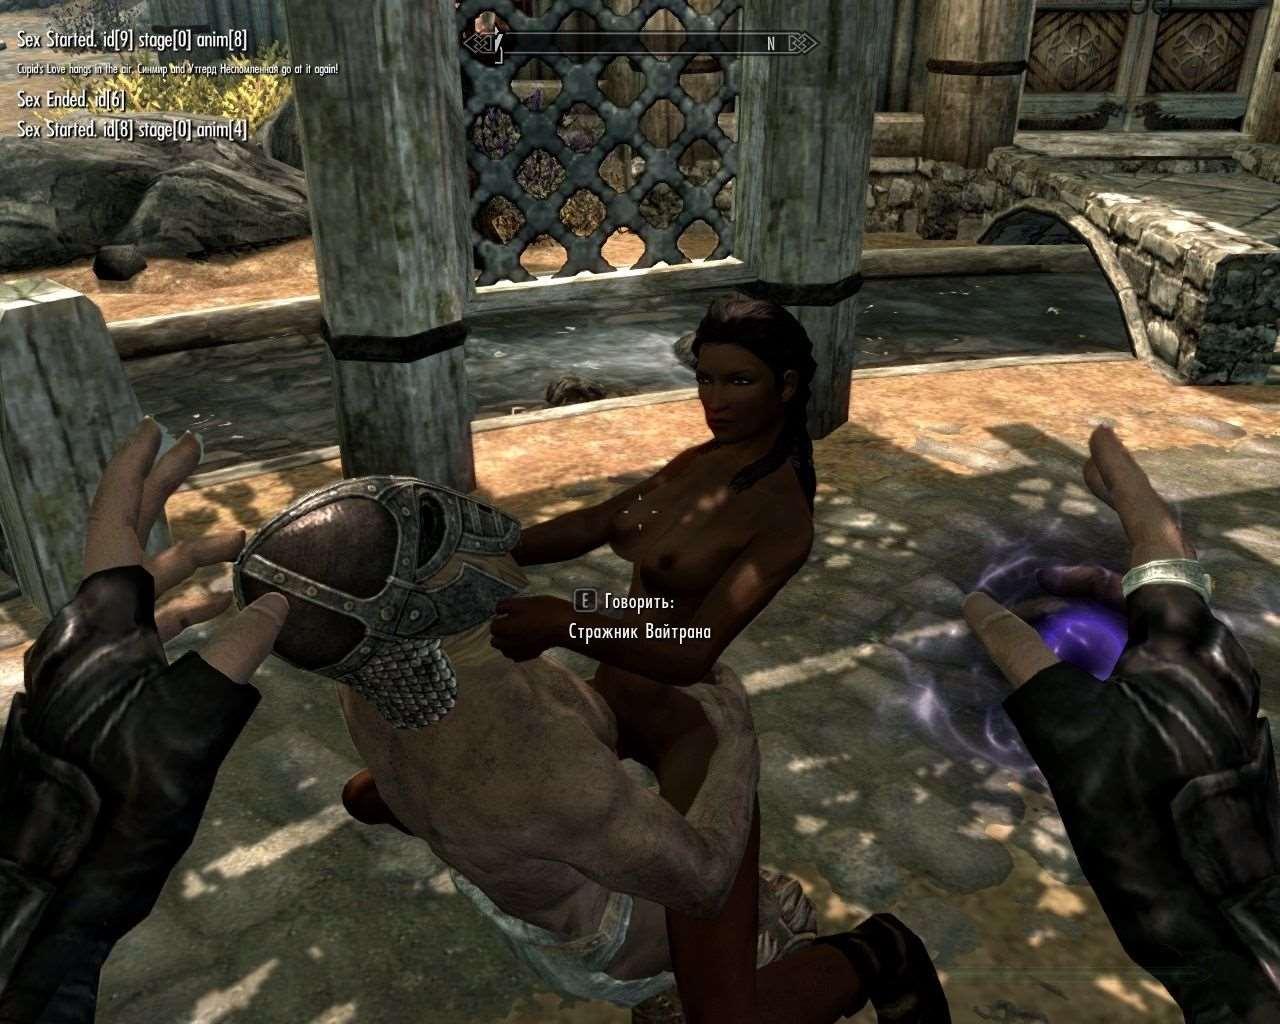 Секс в скайримк